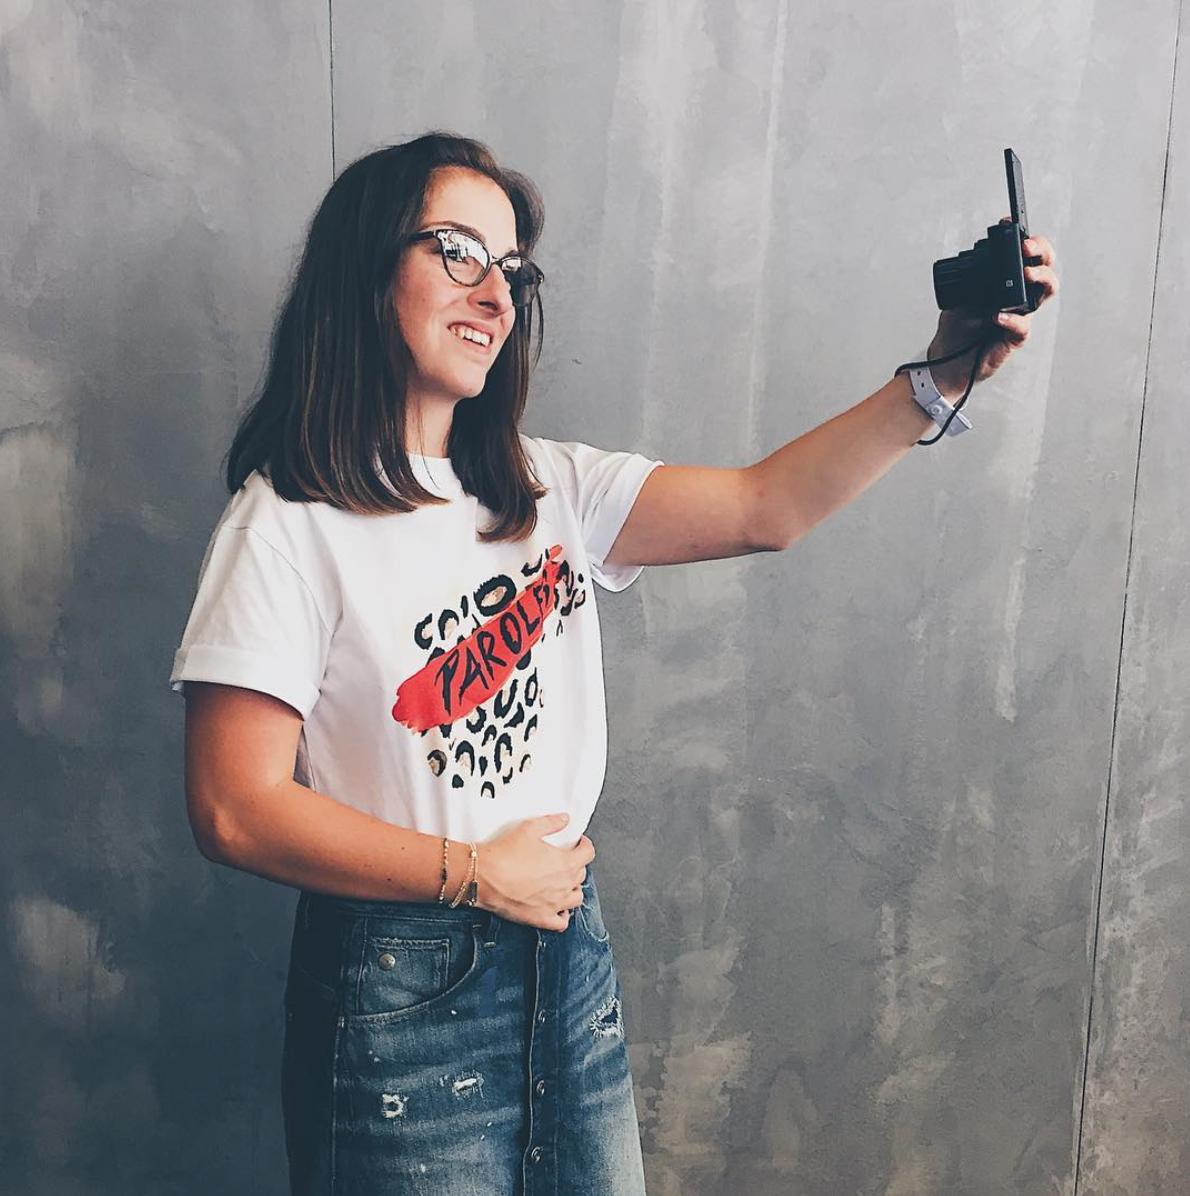 Vloggen met een beperking: daar had ik niet aan gedacht